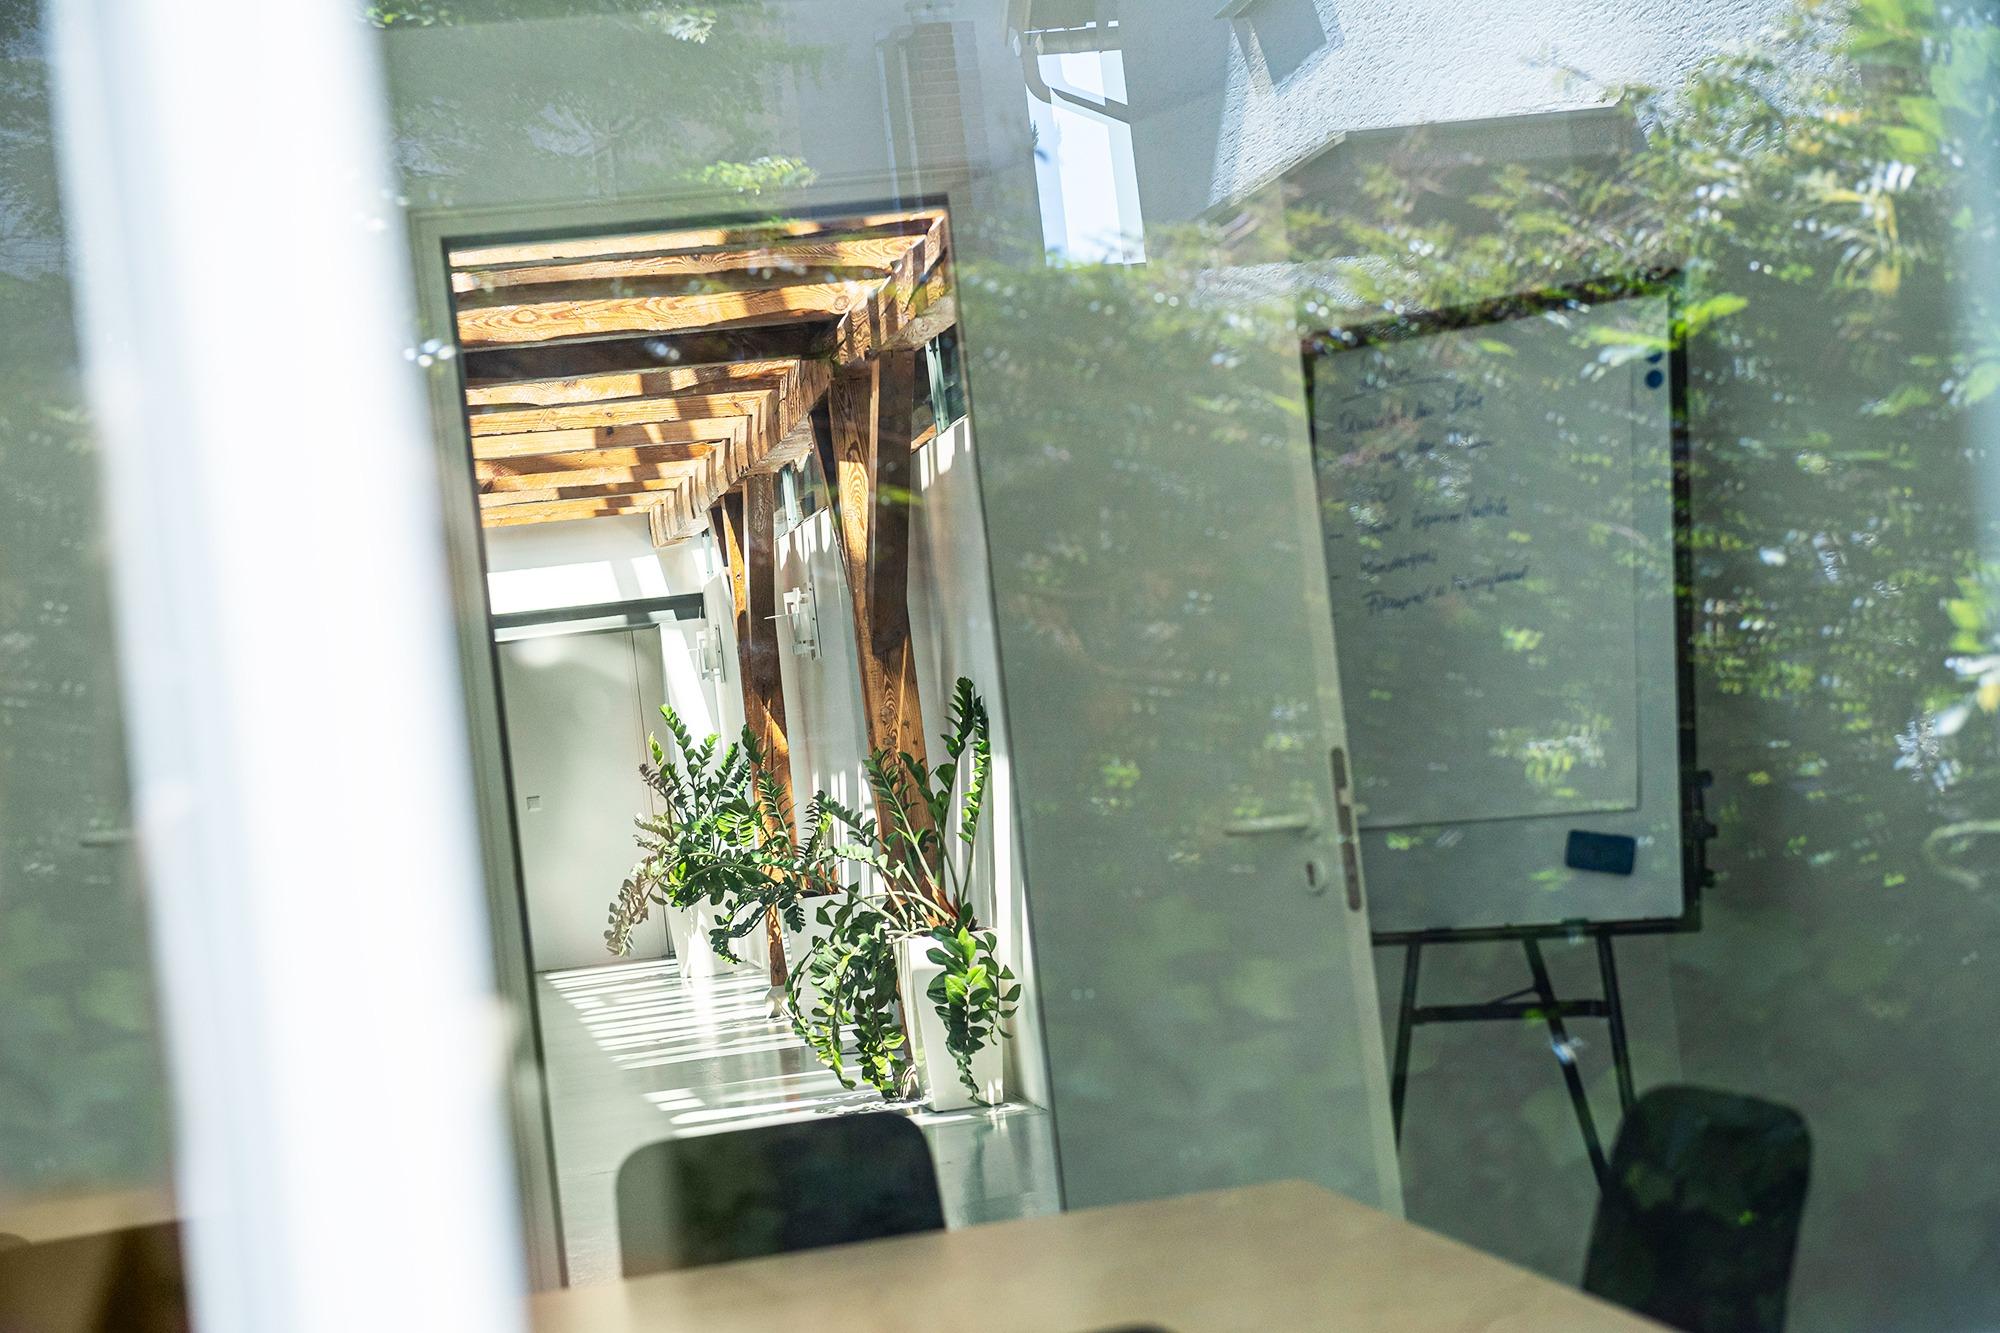 studio-dos-grafikdesign-osnabrueck-das-buero-innenansicht-lange-strassse-3a-49080-osnabrueck.jpeg – Studio dos — Fritz & Zorn GbR